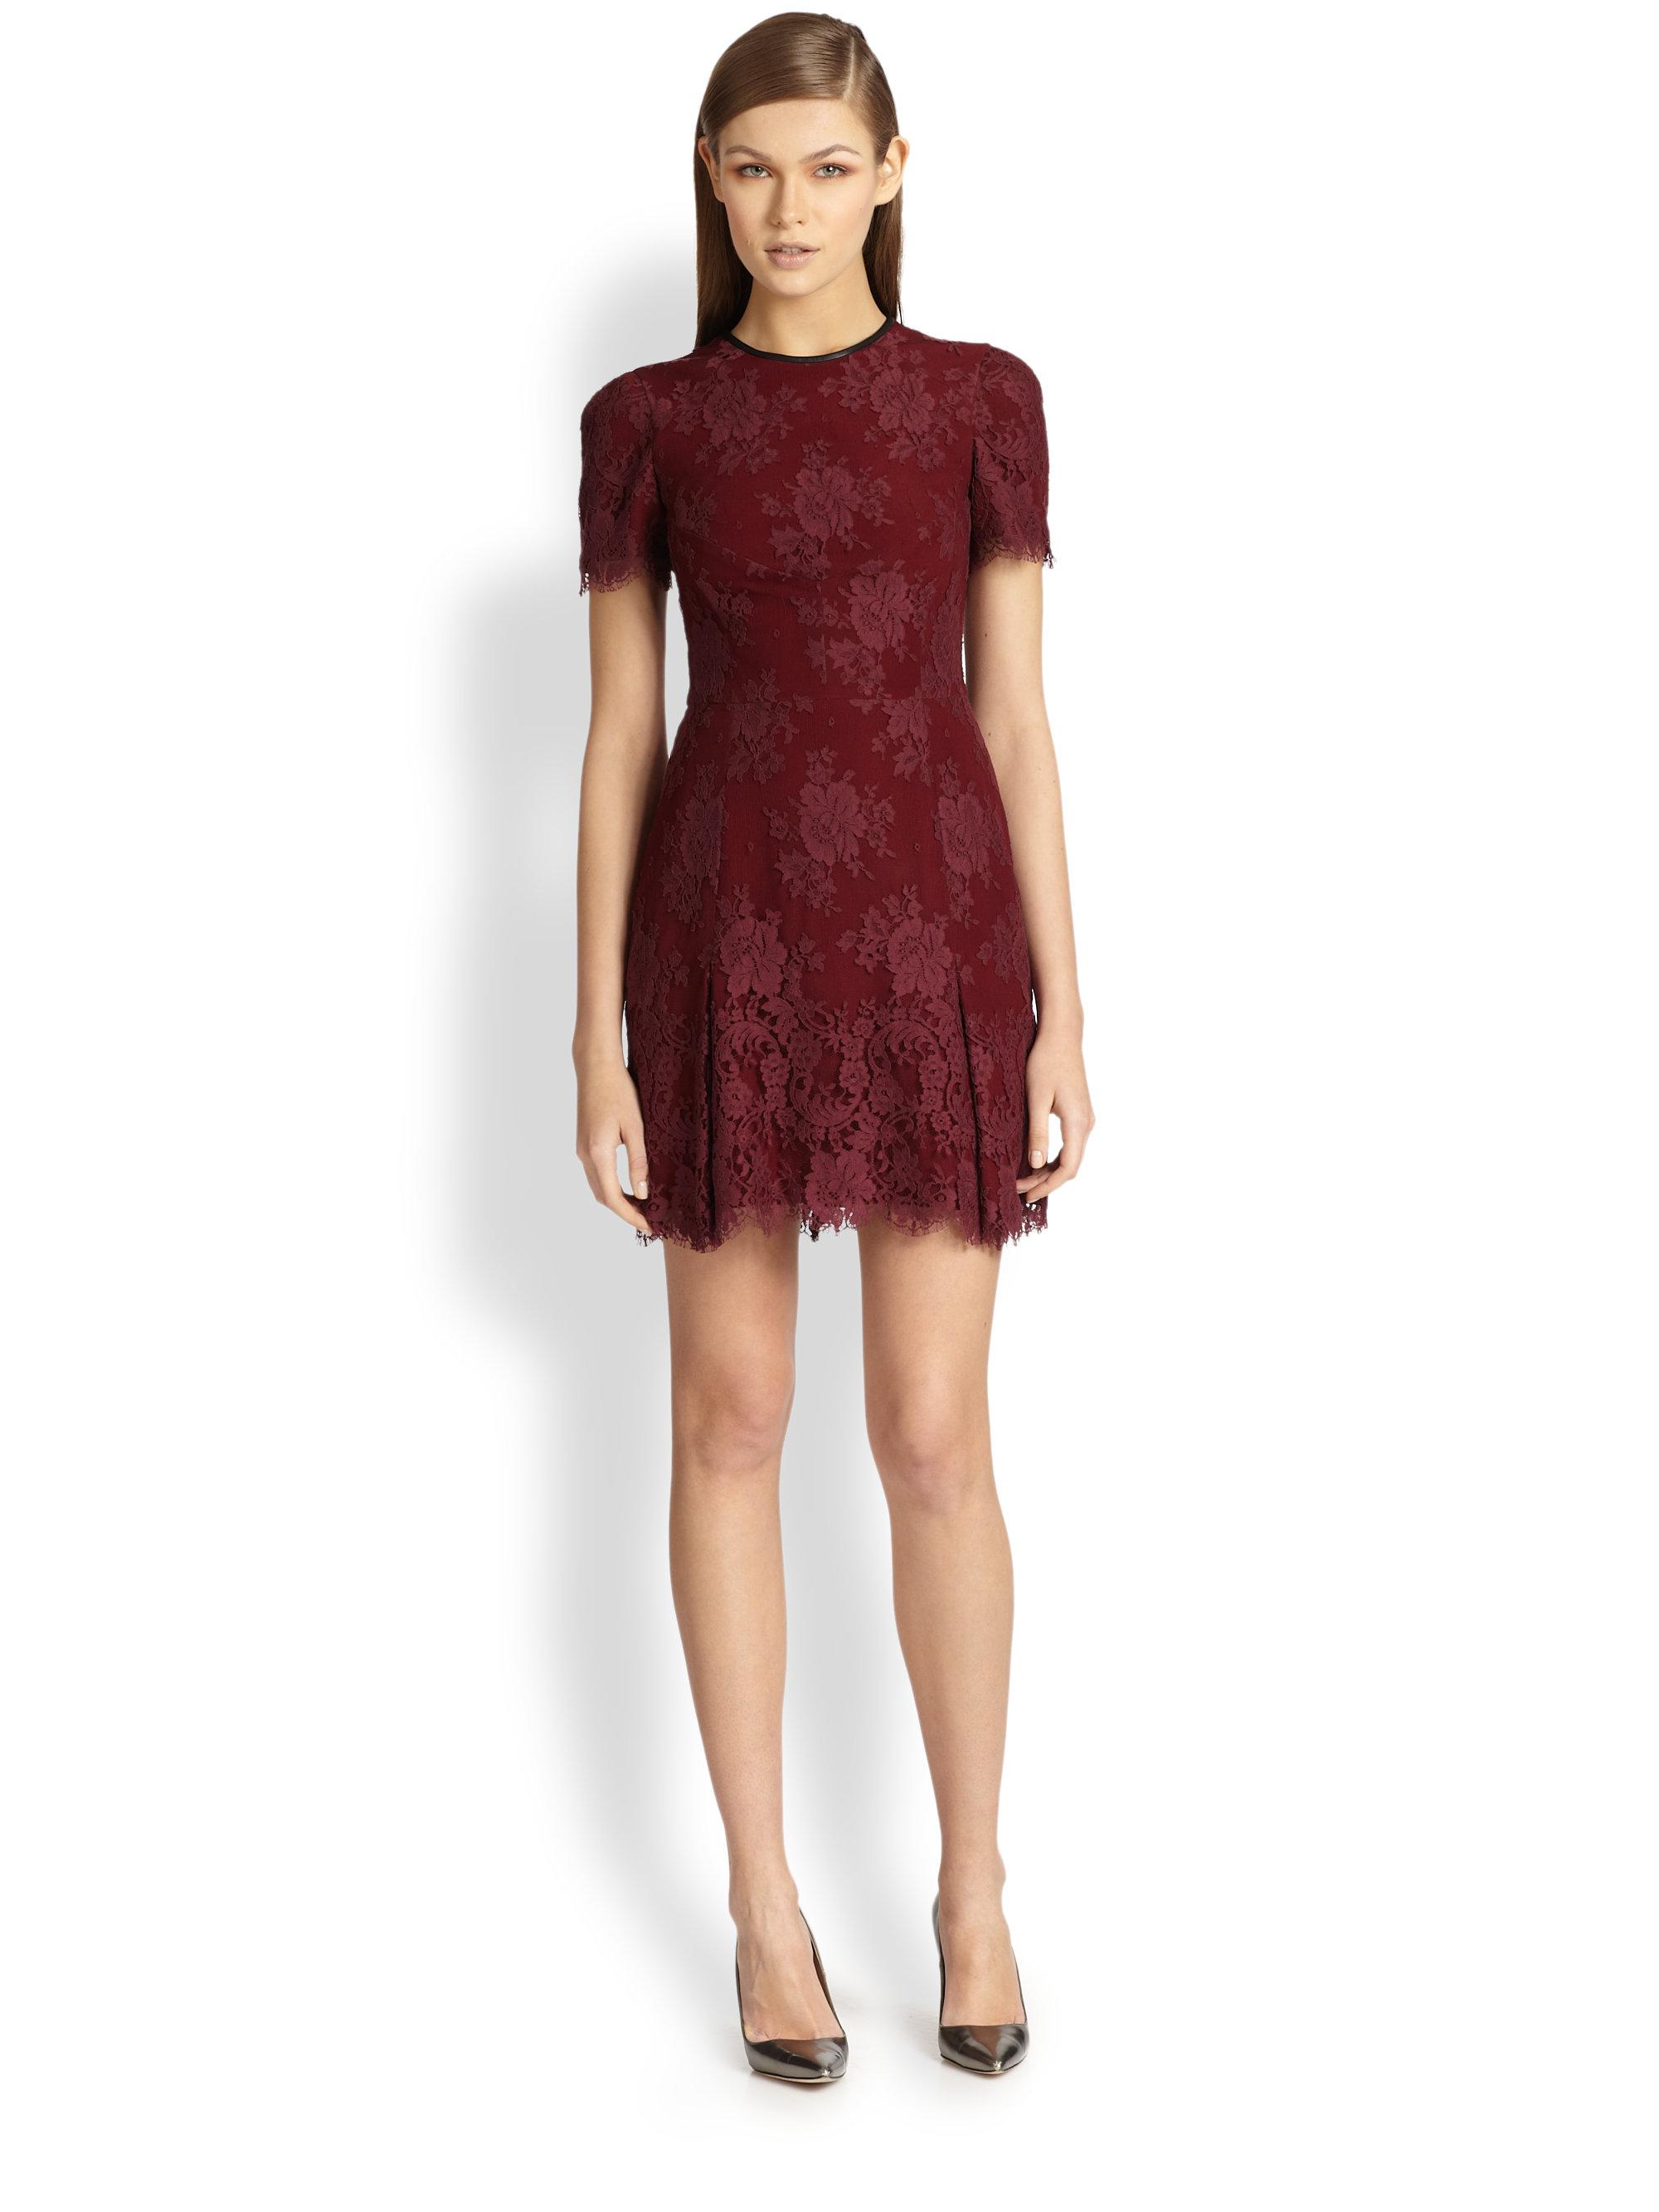 Erdem Aubrey Lace Mini Dress in Red - Lyst